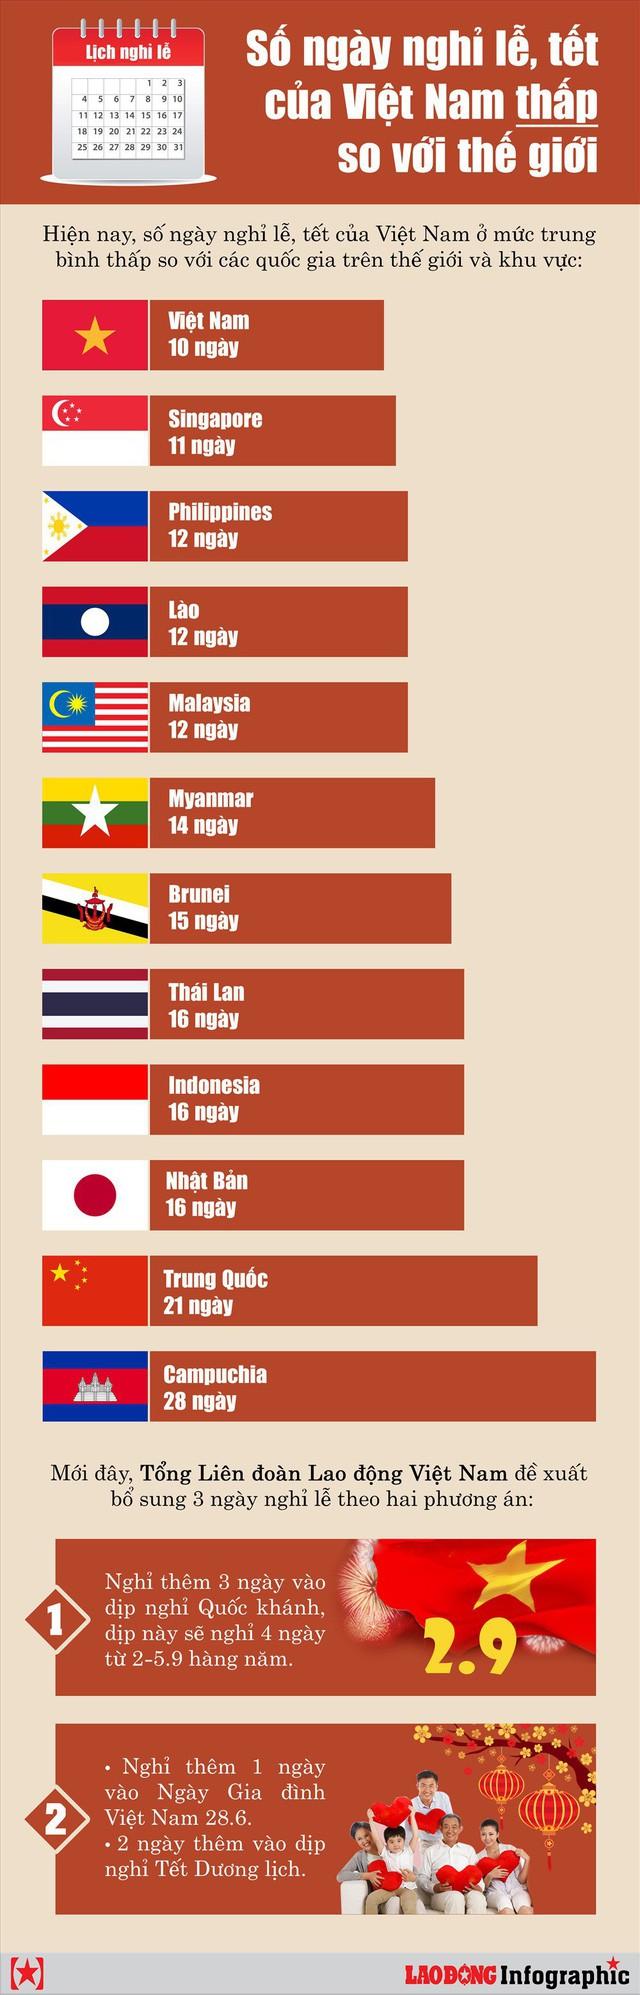 Infographic: Số ngày nghỉ lễ, tết của Việt Nam thấp so với thế giới - Ảnh 1.